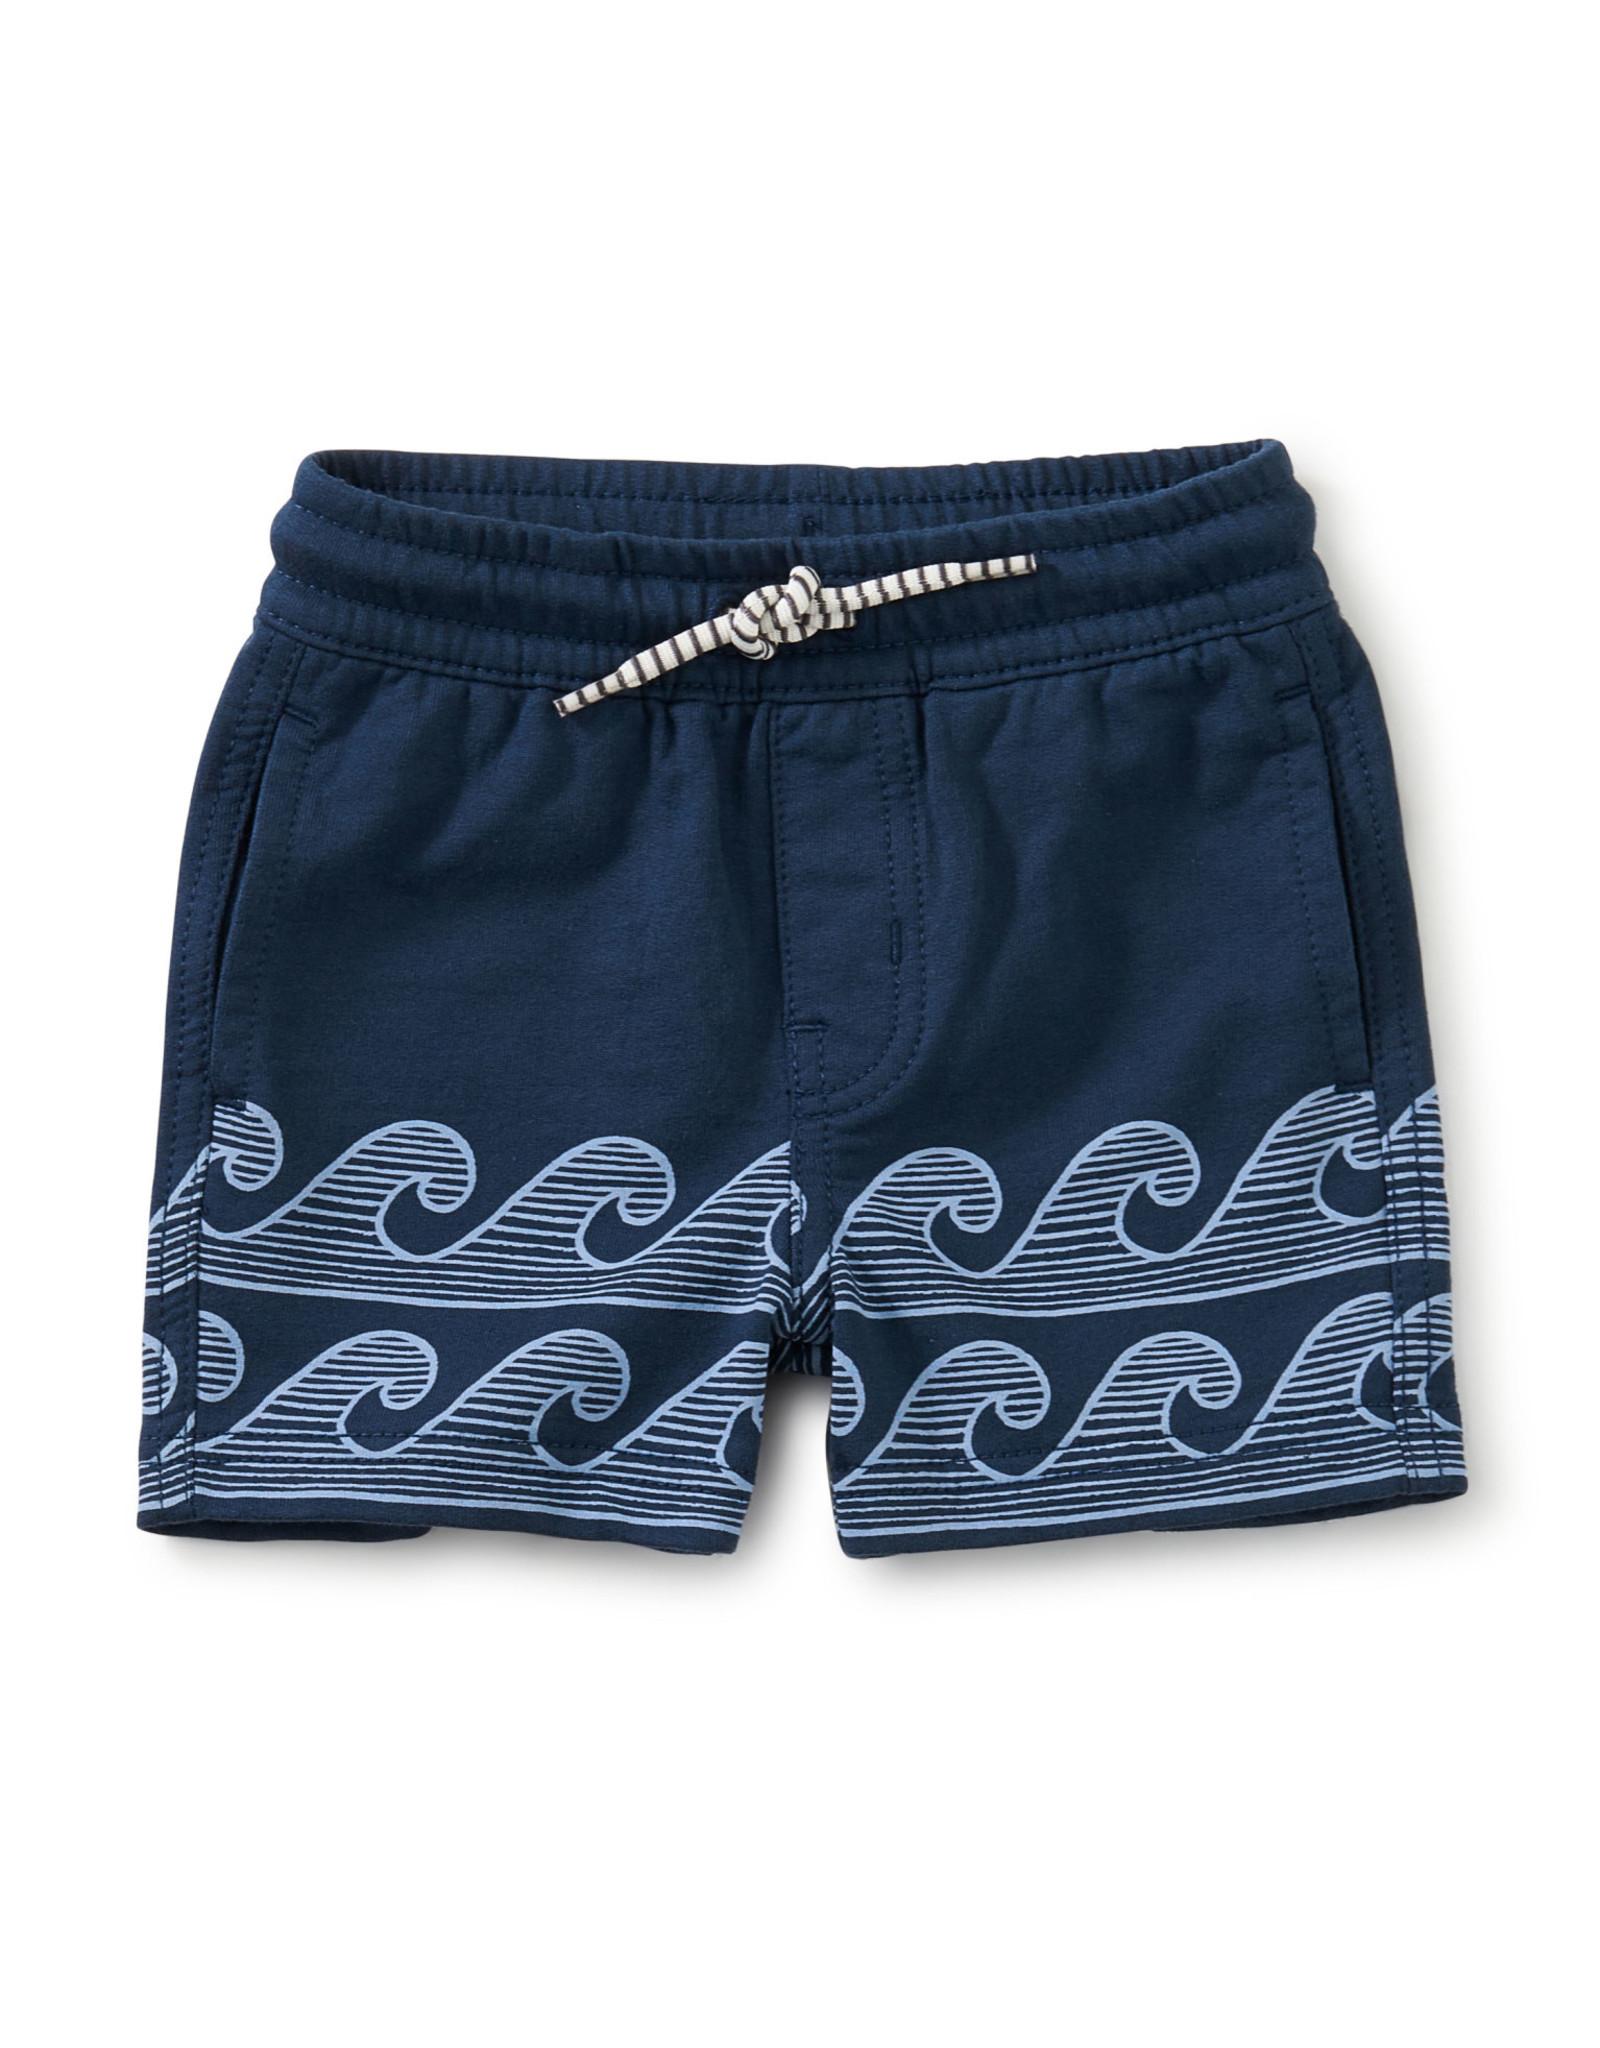 Tea Knit Beach Baby Shorts, Whale Blue